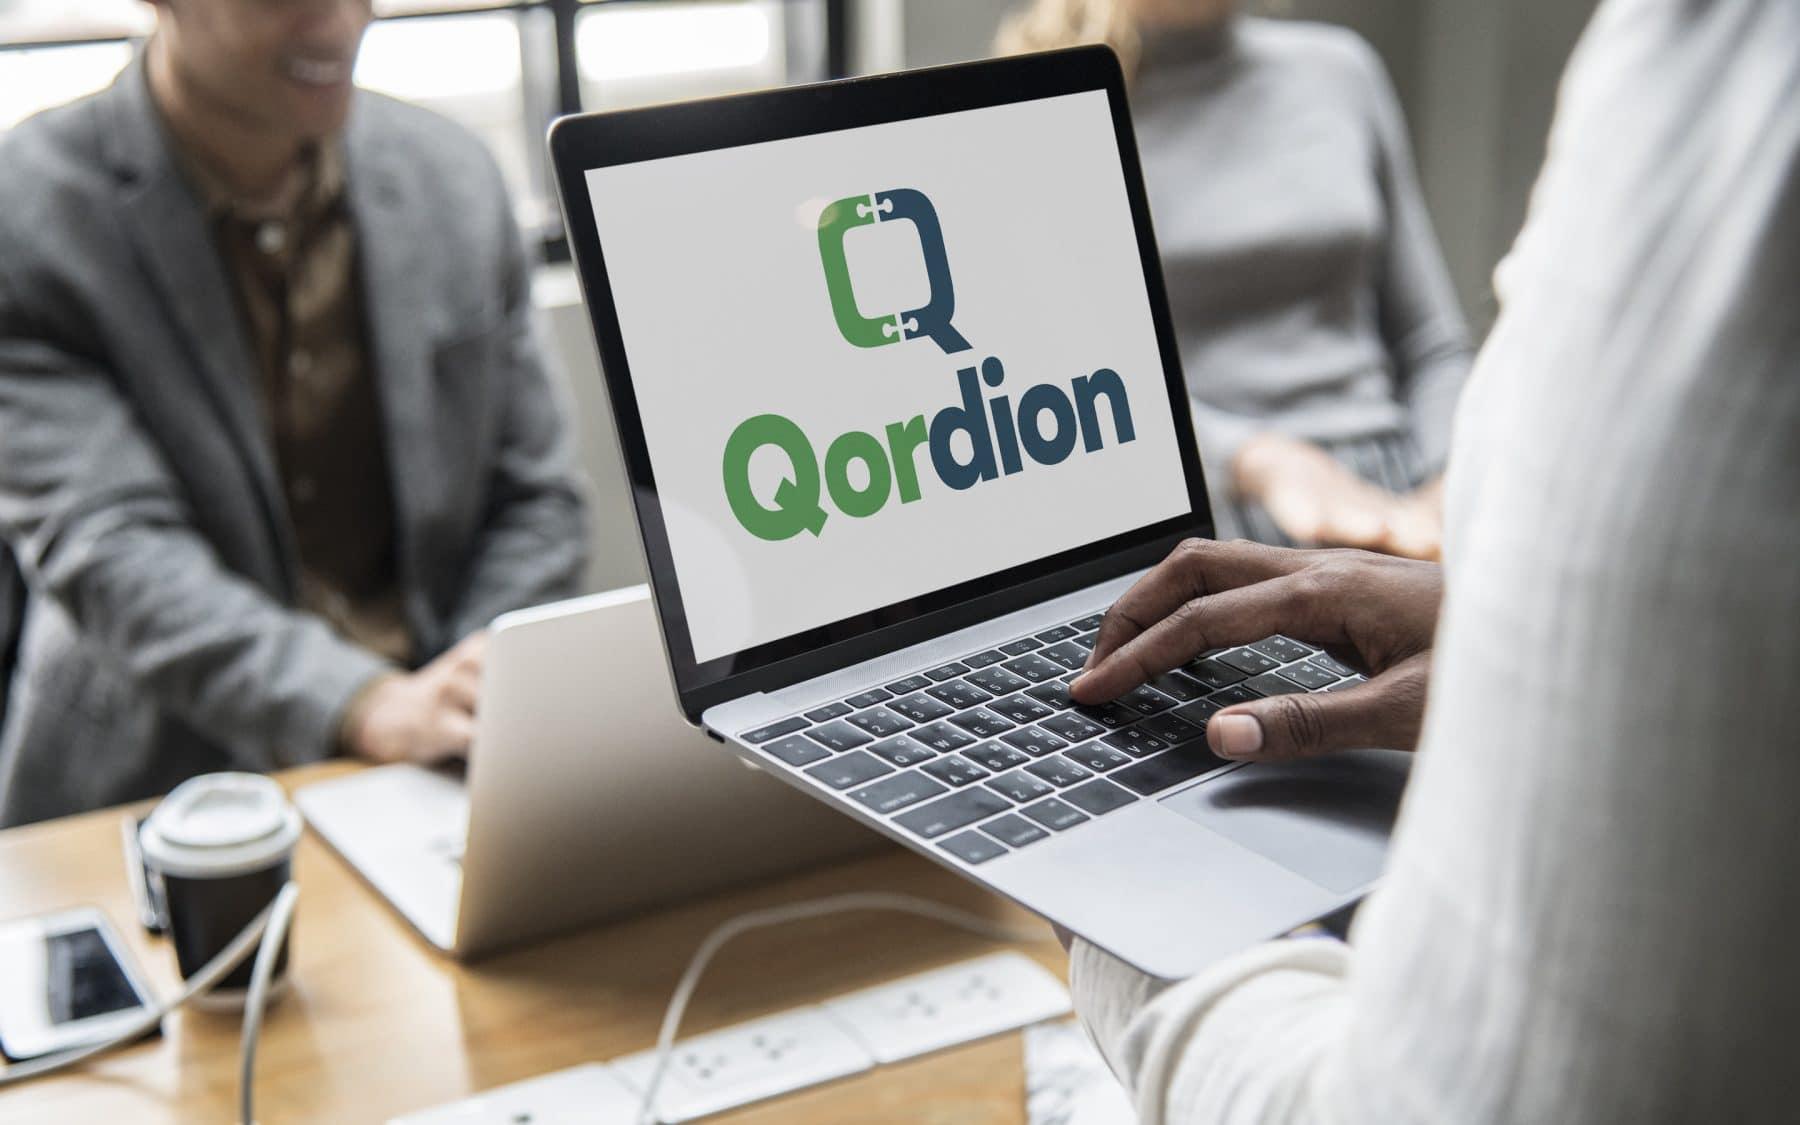 Qordion 2